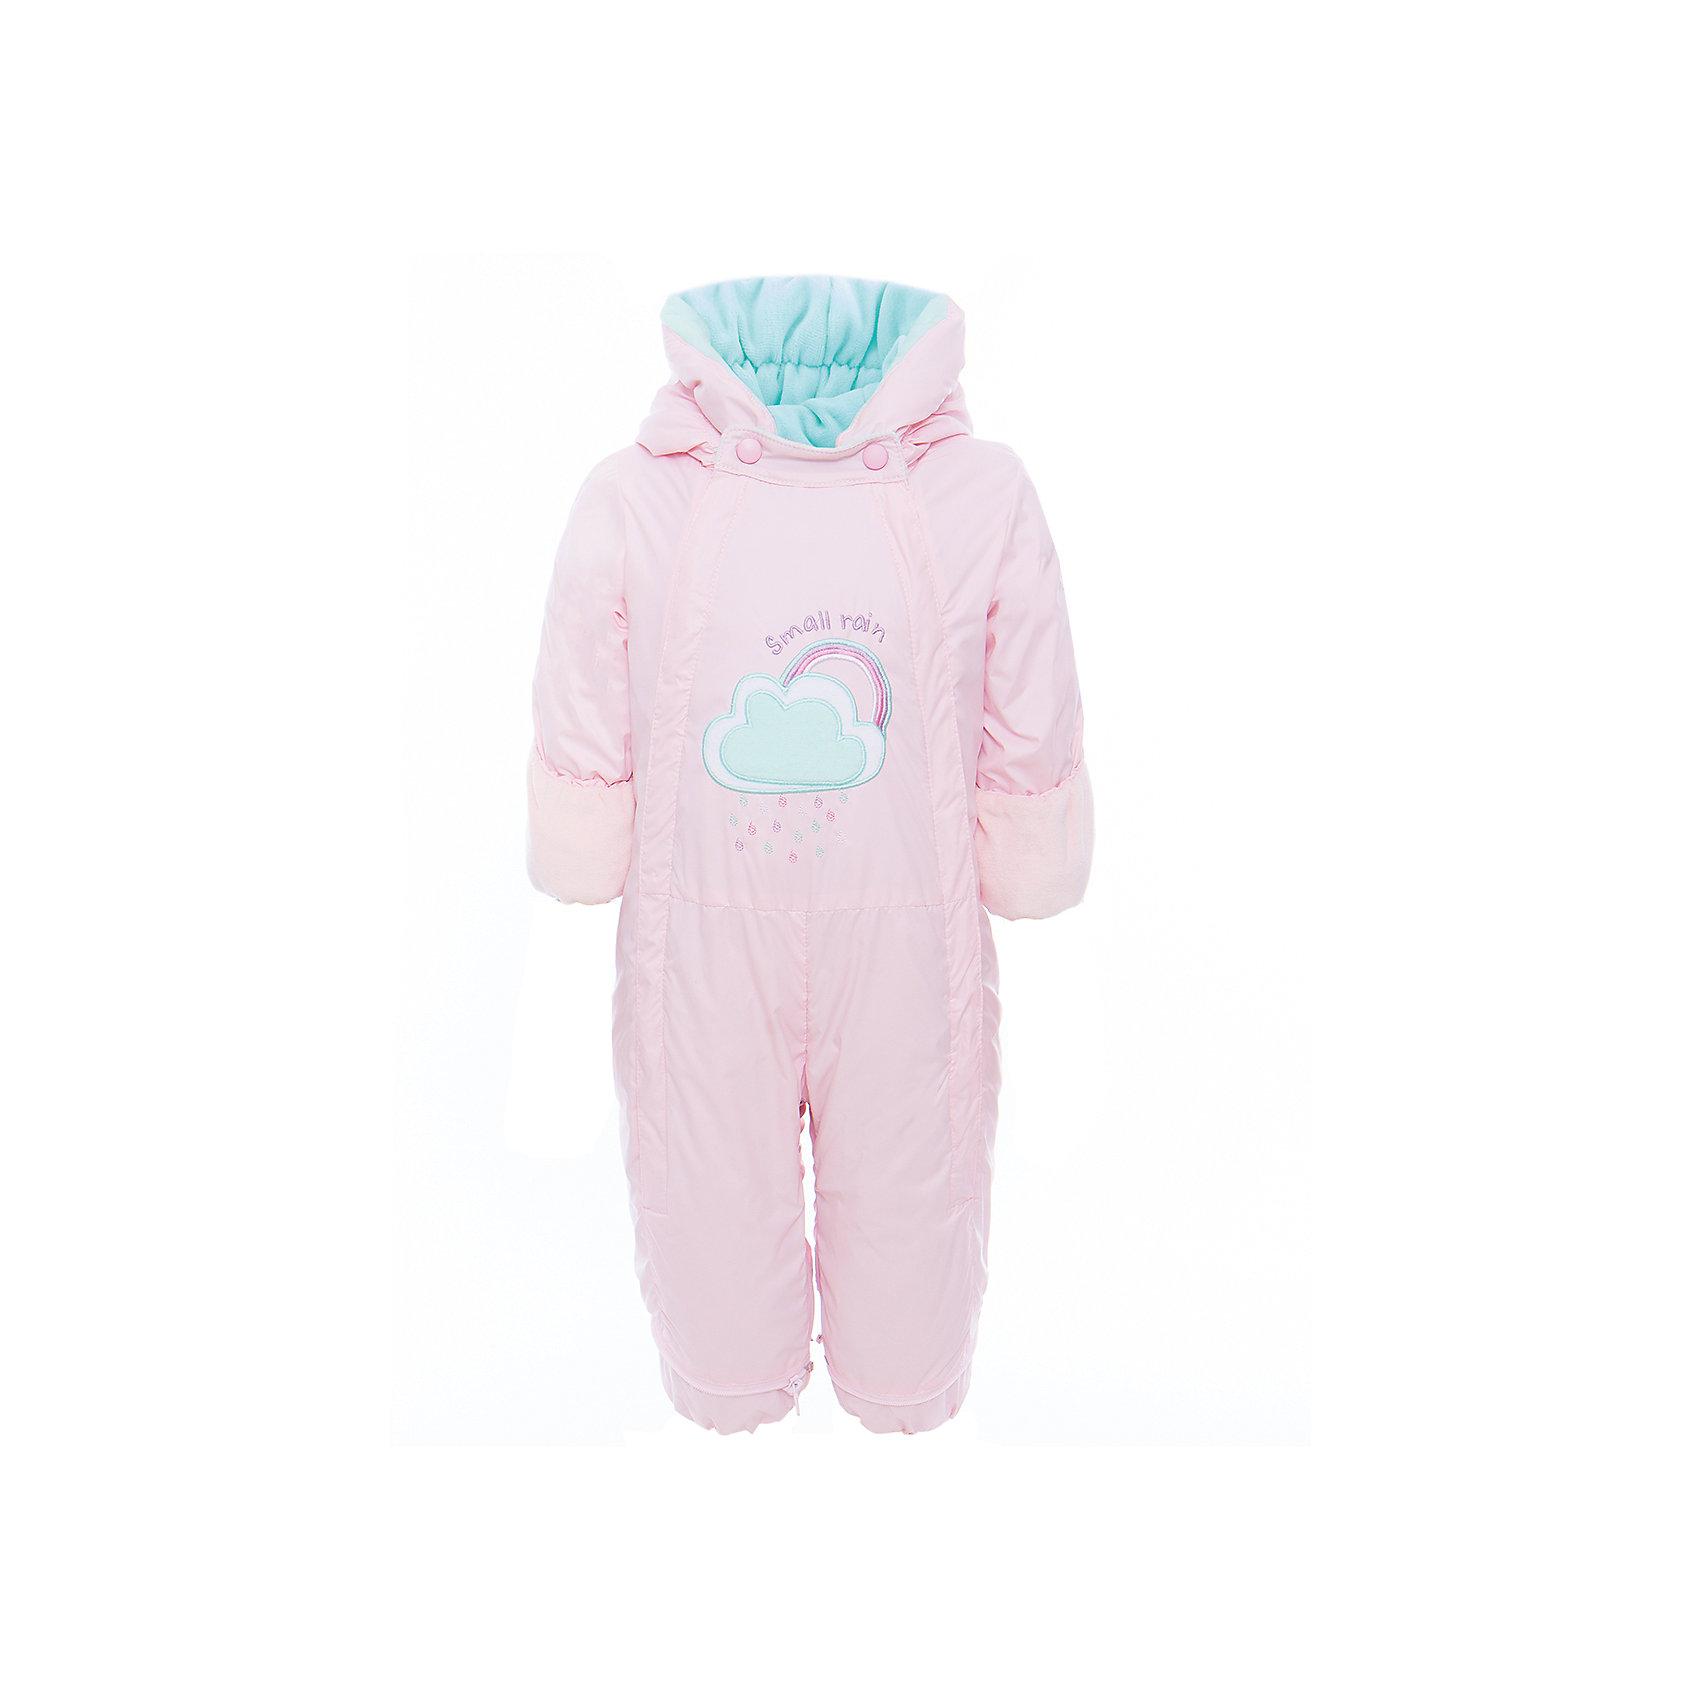 Комбинезон детский BOOM by OrbyВерхняя одежда<br>Характеристики товара:<br><br>• цвет: розовый<br>• состав: верх - болонь, подкладка - поликоттон, утеплитель: эко-синтепон 150 г/м2<br>• температурный режим: от -5 С° до +10 С° <br>• капюшон<br>• застежка - молния<br>• планка от ветра<br>• отделка велюром<br>• декорирован вышивкой<br>• комфортная посадка<br>• страна производства: Российская Федерация<br>• страна бренда: Российская Федерация<br>• коллекция: весна-лето 2017<br><br>Одежда для самых маленьких должна быть особо комфортной! Такой комбинезон - отличный вариант для межсезонья с постоянно меняющейся погодой. Эта модель - модная и удобная одновременно! Изделие отличается стильным ярким дизайном. Комбинезон дополнен мягкой подкладкой. Вещь была разработана специально для малышей.<br><br>Комбинезон детский от бренда BOOM by Orby можно купить в нашем интернет-магазине.<br><br>Ширина мм: 356<br>Глубина мм: 10<br>Высота мм: 245<br>Вес г: 519<br>Цвет: розовый<br>Возраст от месяцев: 2<br>Возраст до месяцев: 5<br>Пол: Унисекс<br>Возраст: Детский<br>Размер: 62,74,68<br>SKU: 5342945